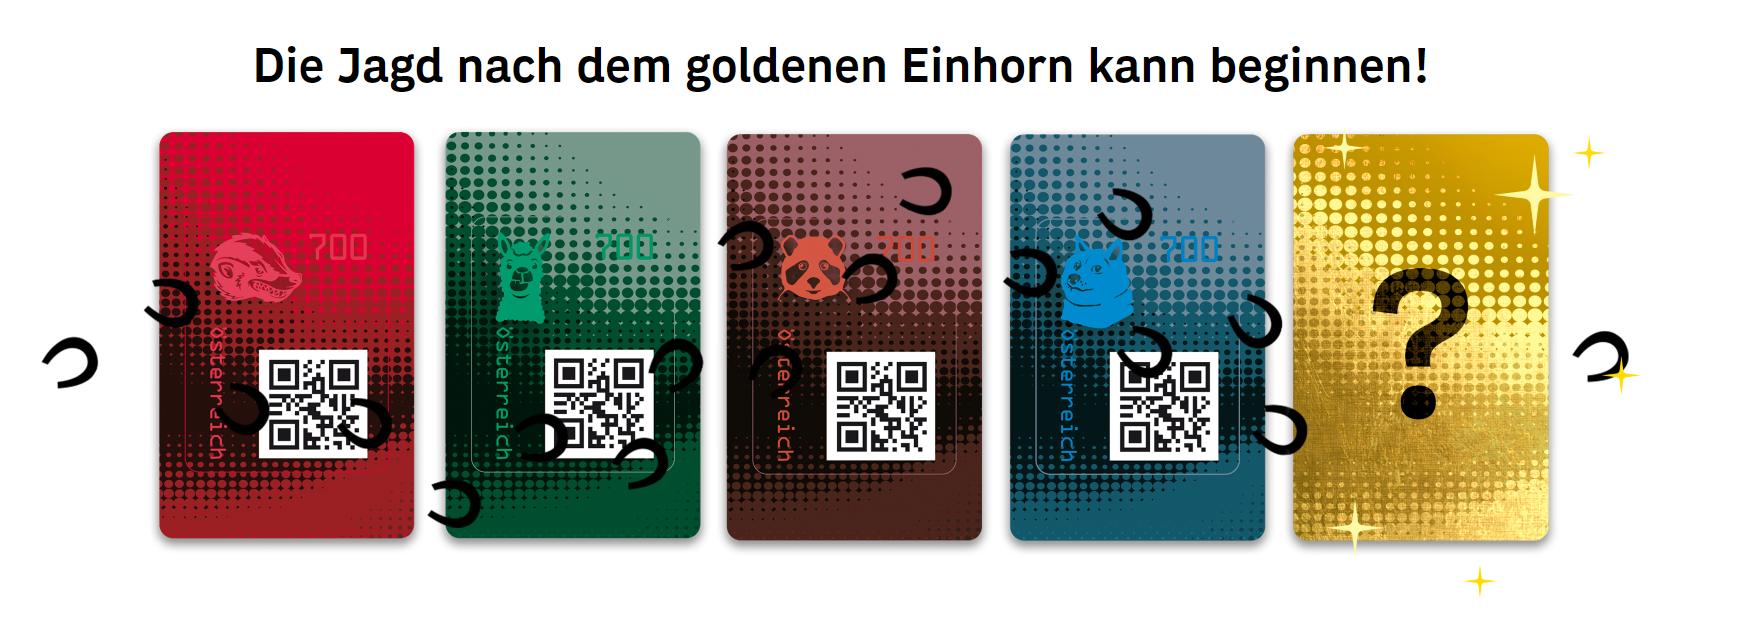 Crypto Stamp 2.0 - Goldenes Einhorn